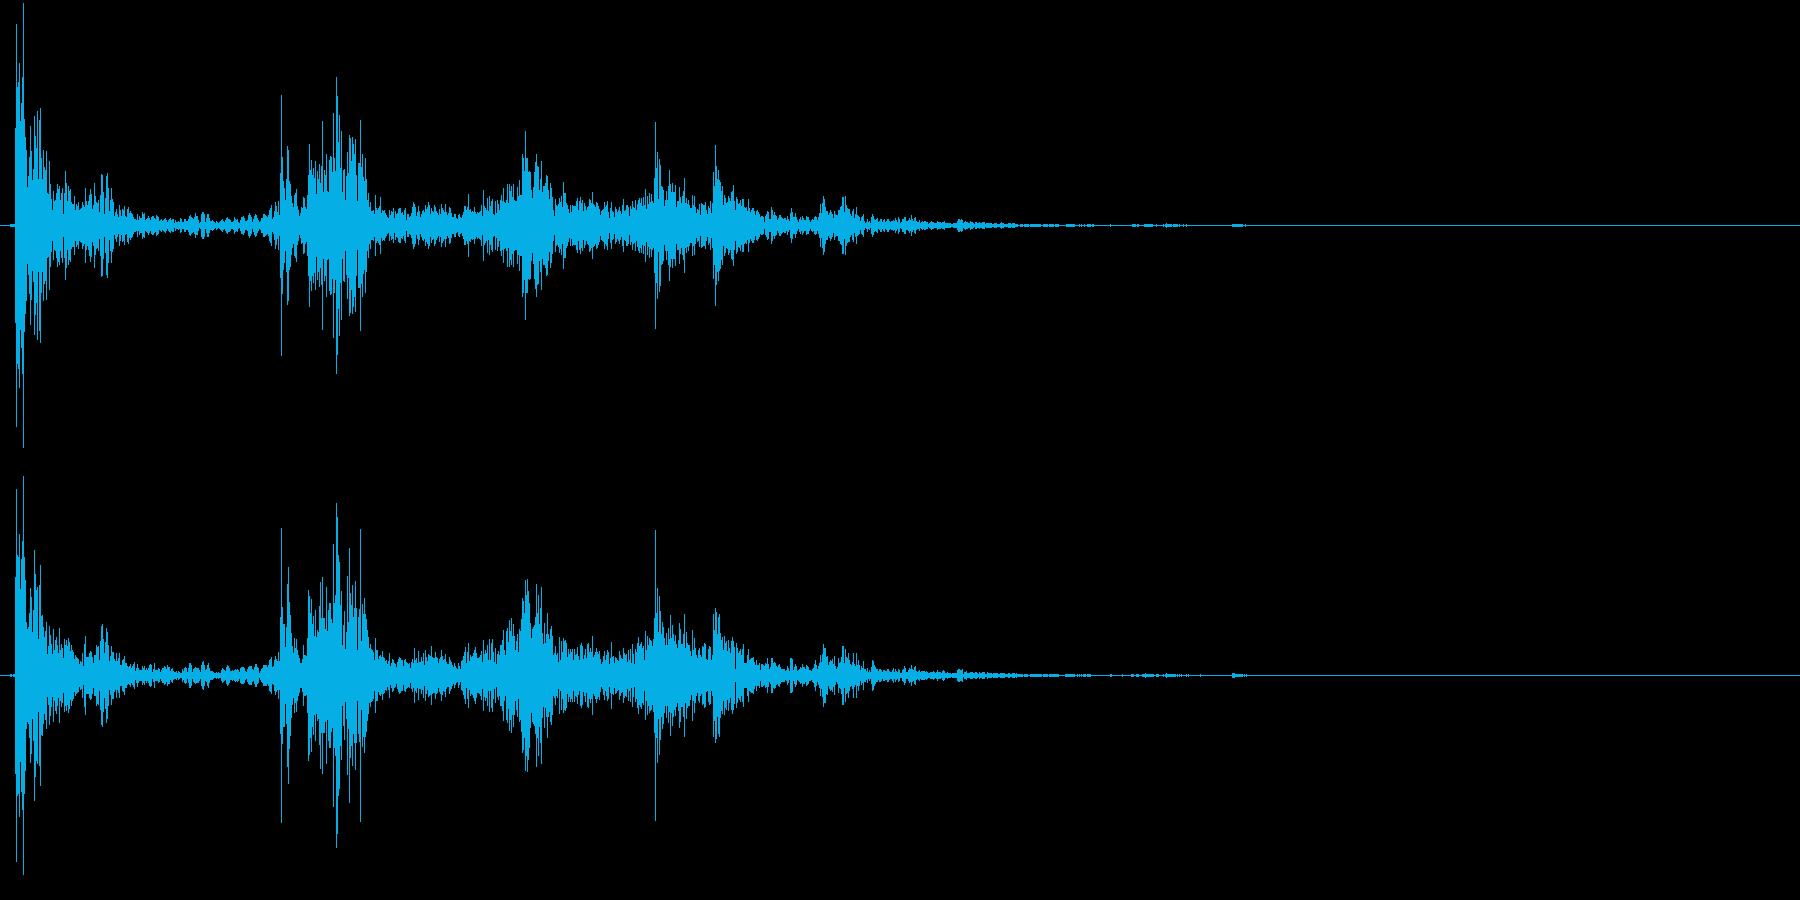 【生録音】ゴミ箱にゴミを投げ捨てる音 1の再生済みの波形